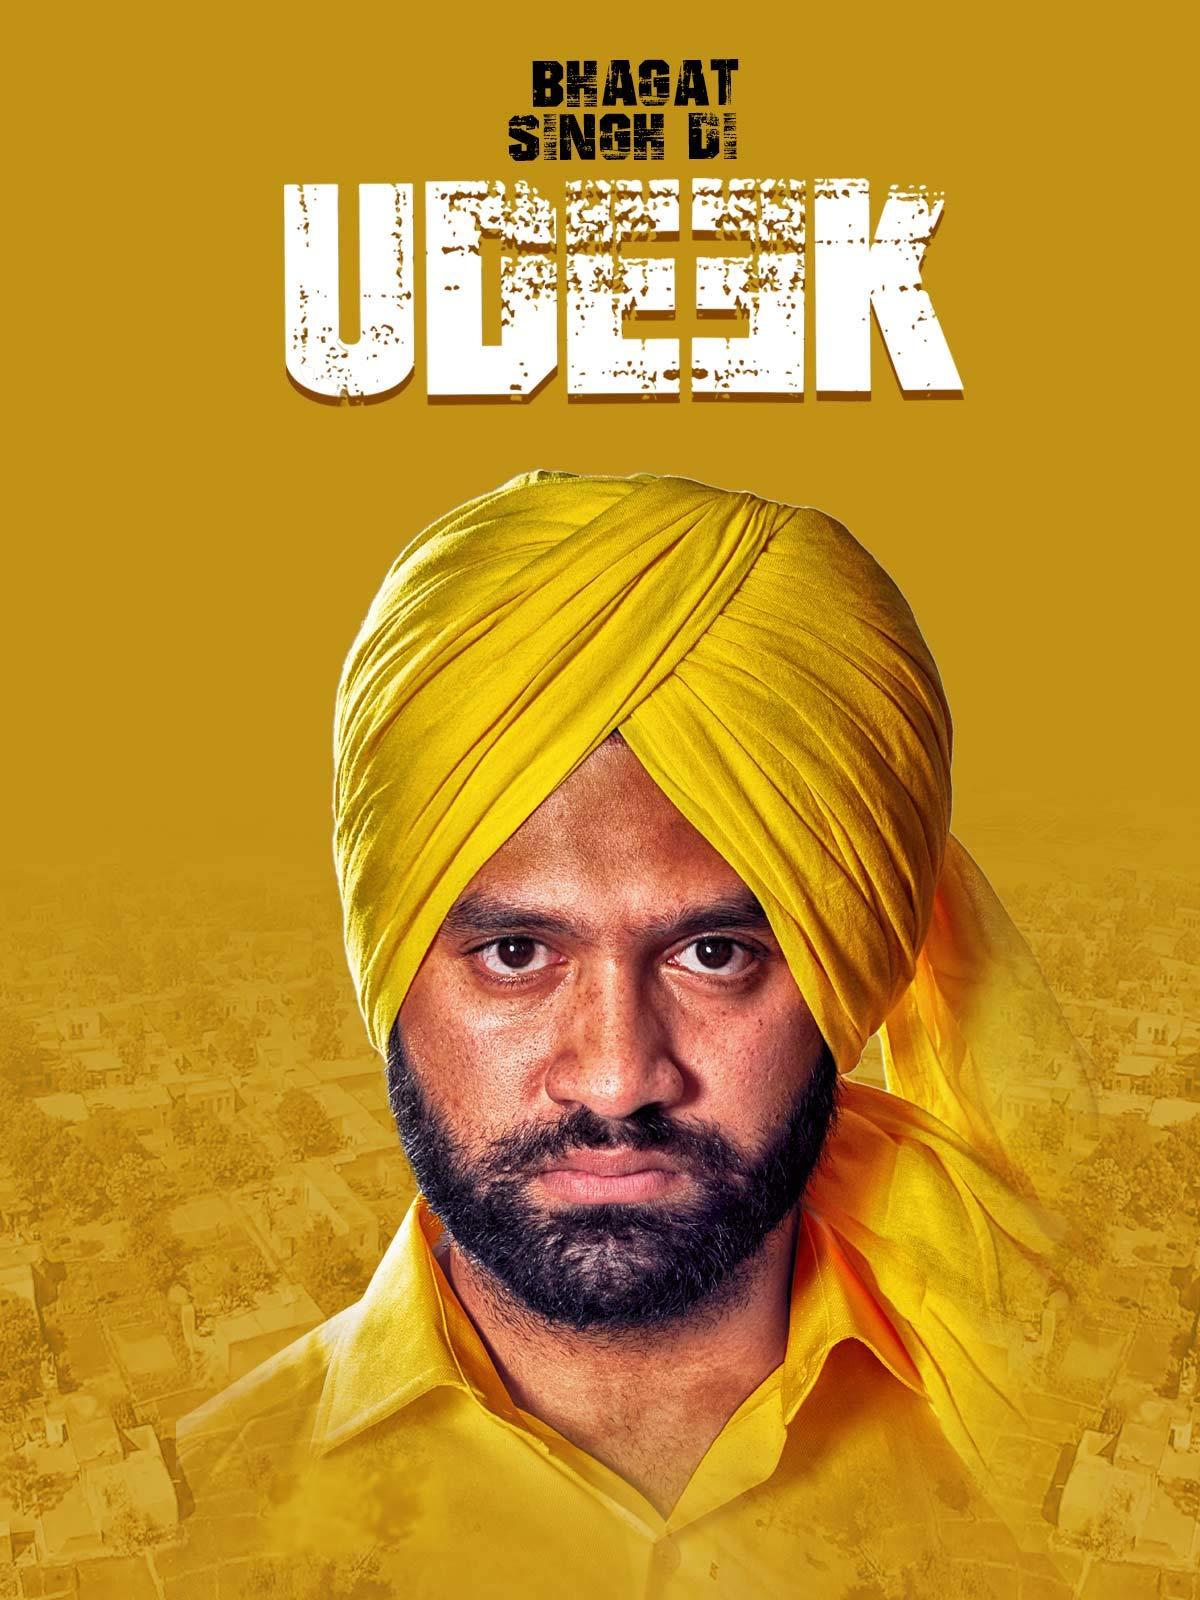 Bhagat Singh Ki Udeek